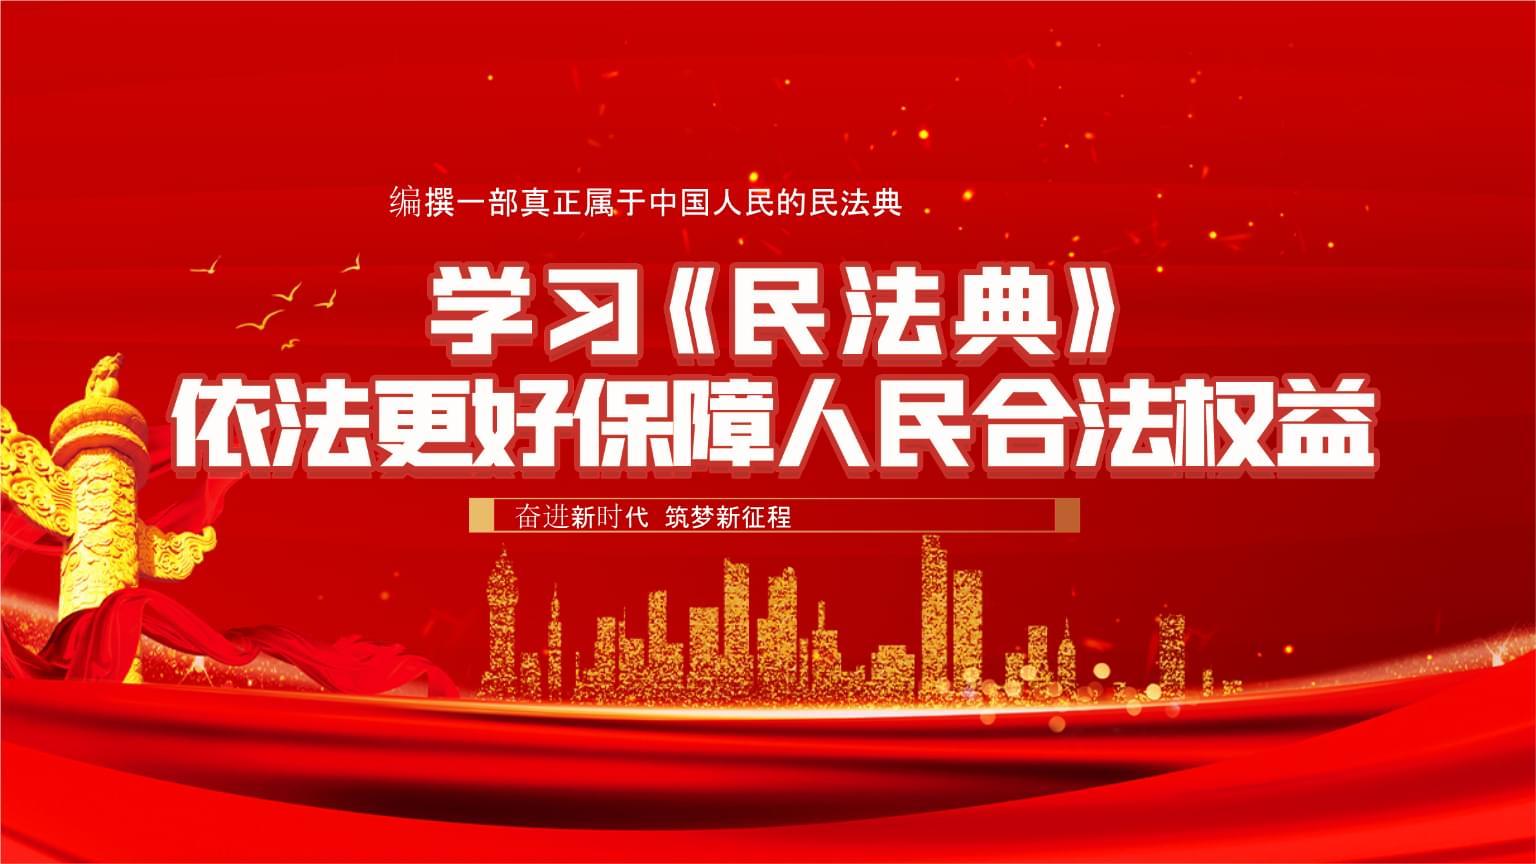 紅色黨建風學習民法典培訓ppt范文下載.pptx